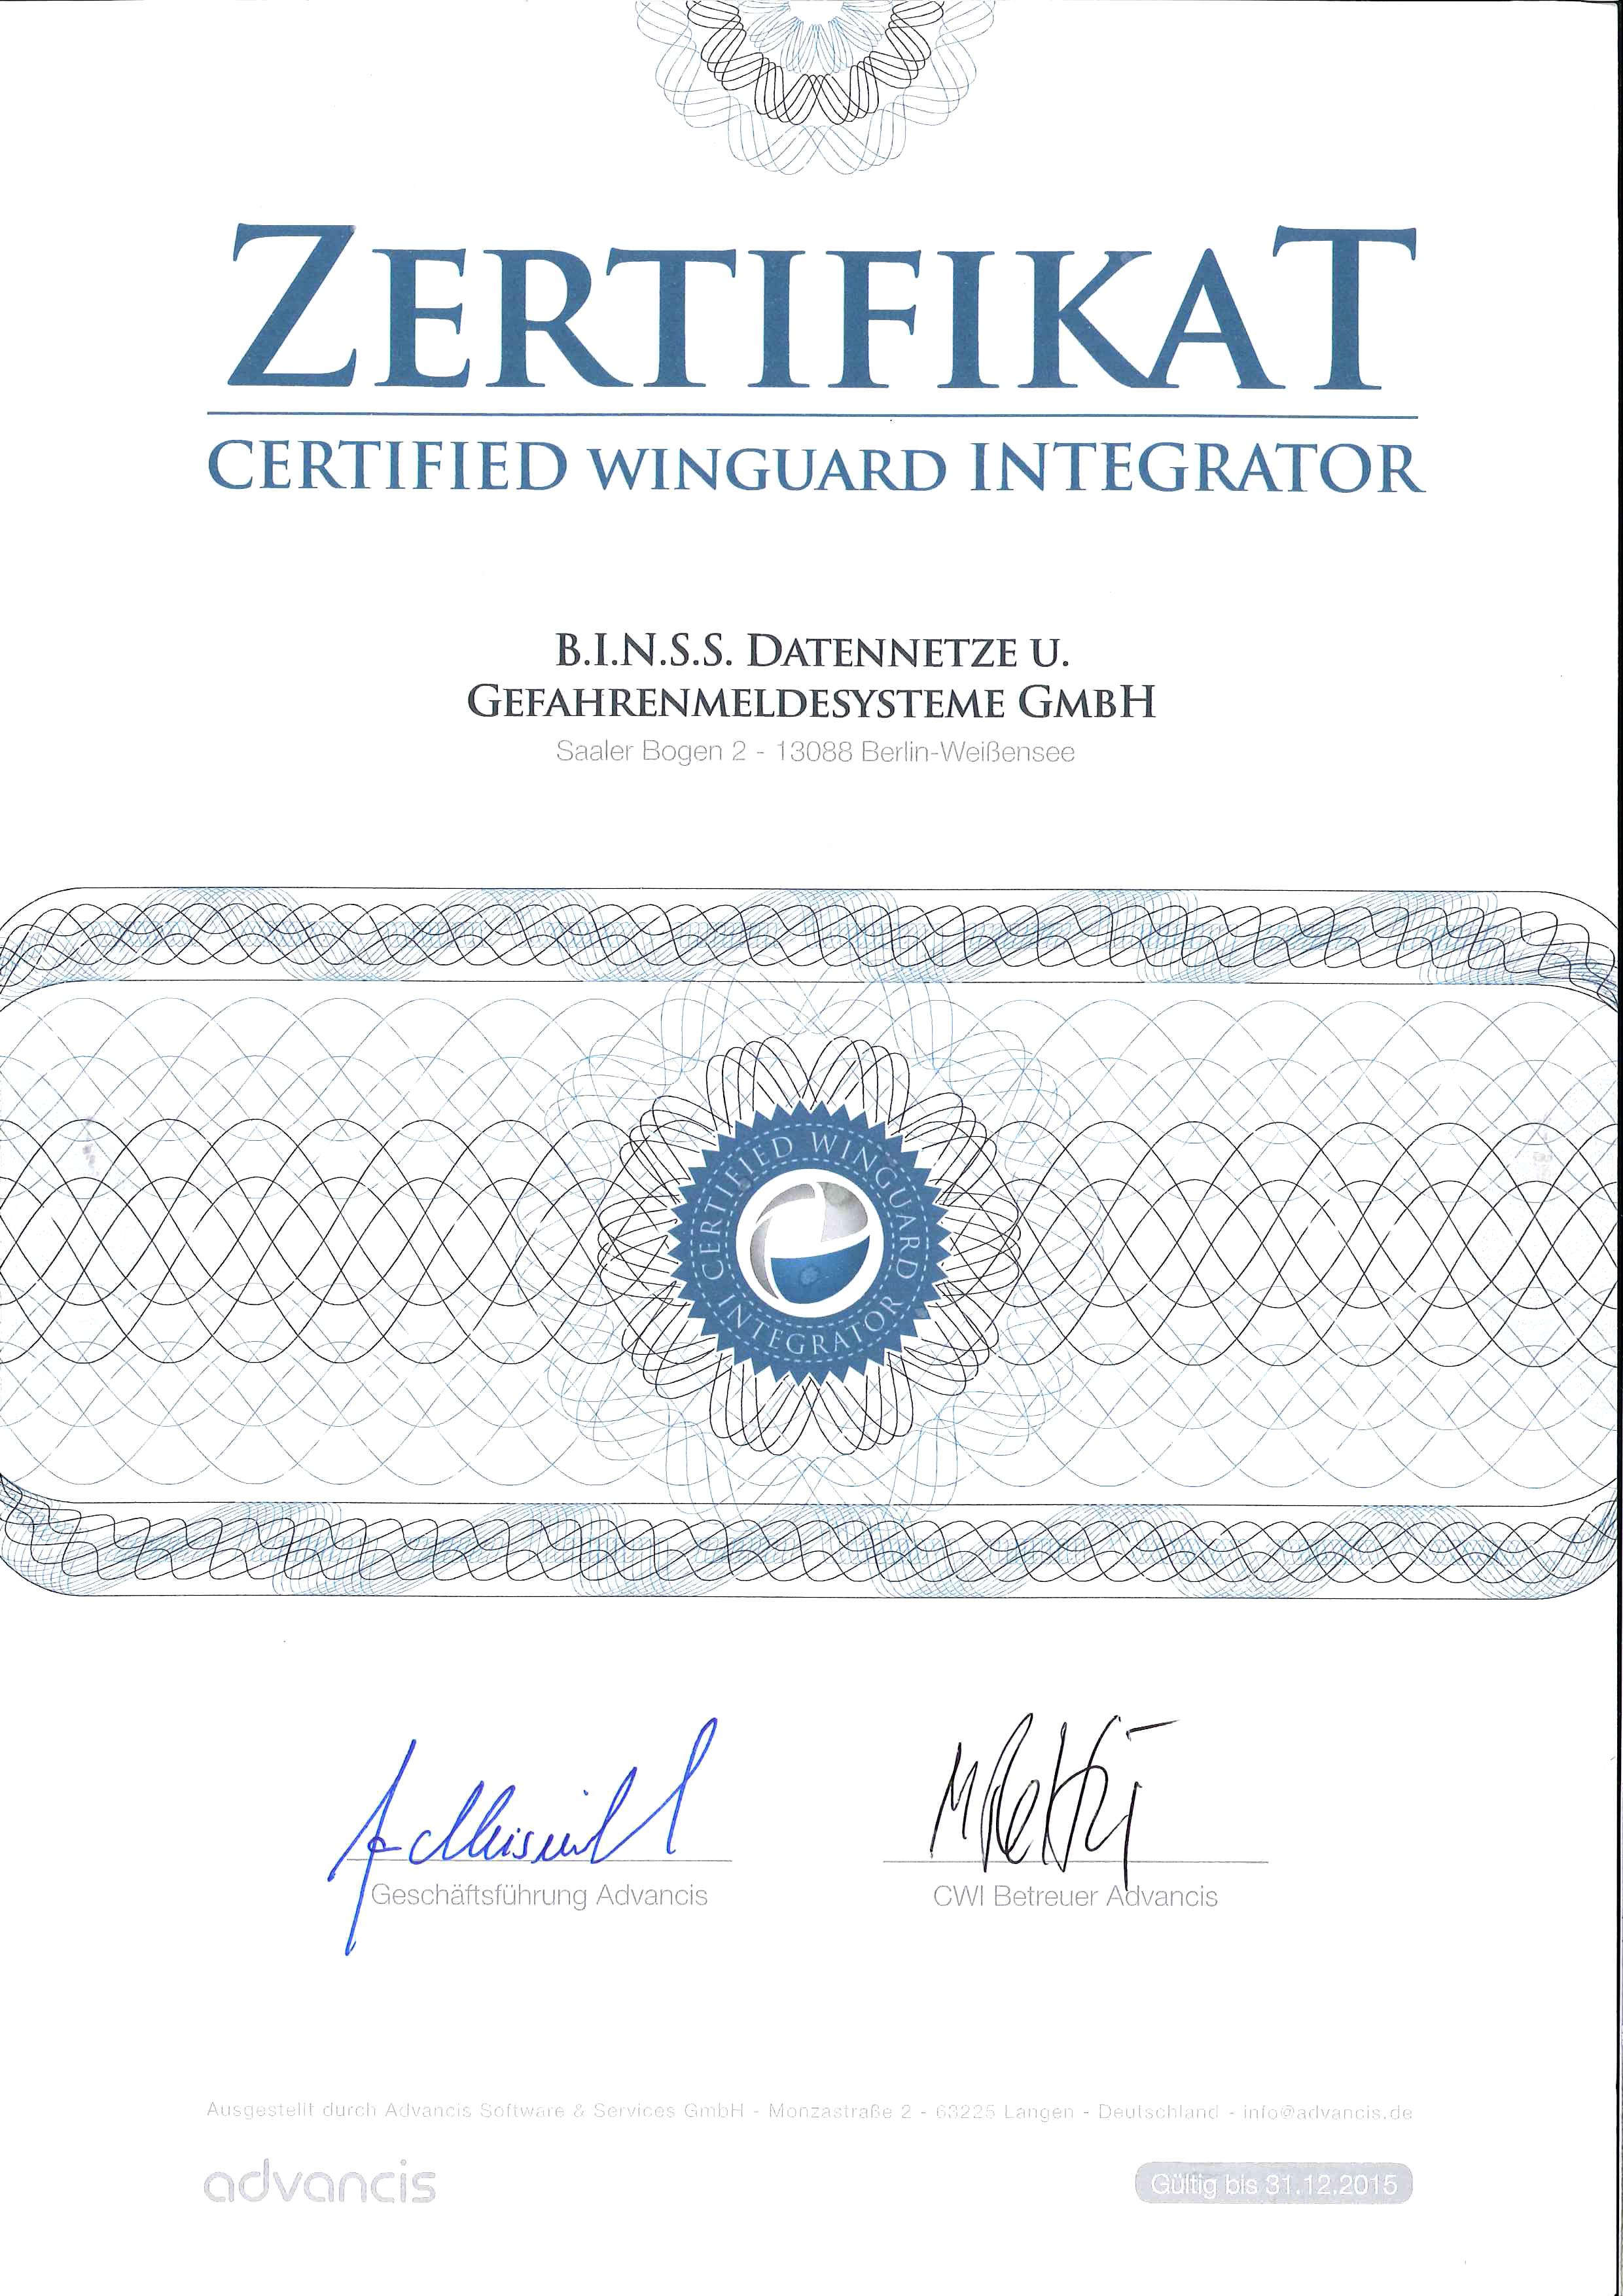 Certified Winguard Integrator